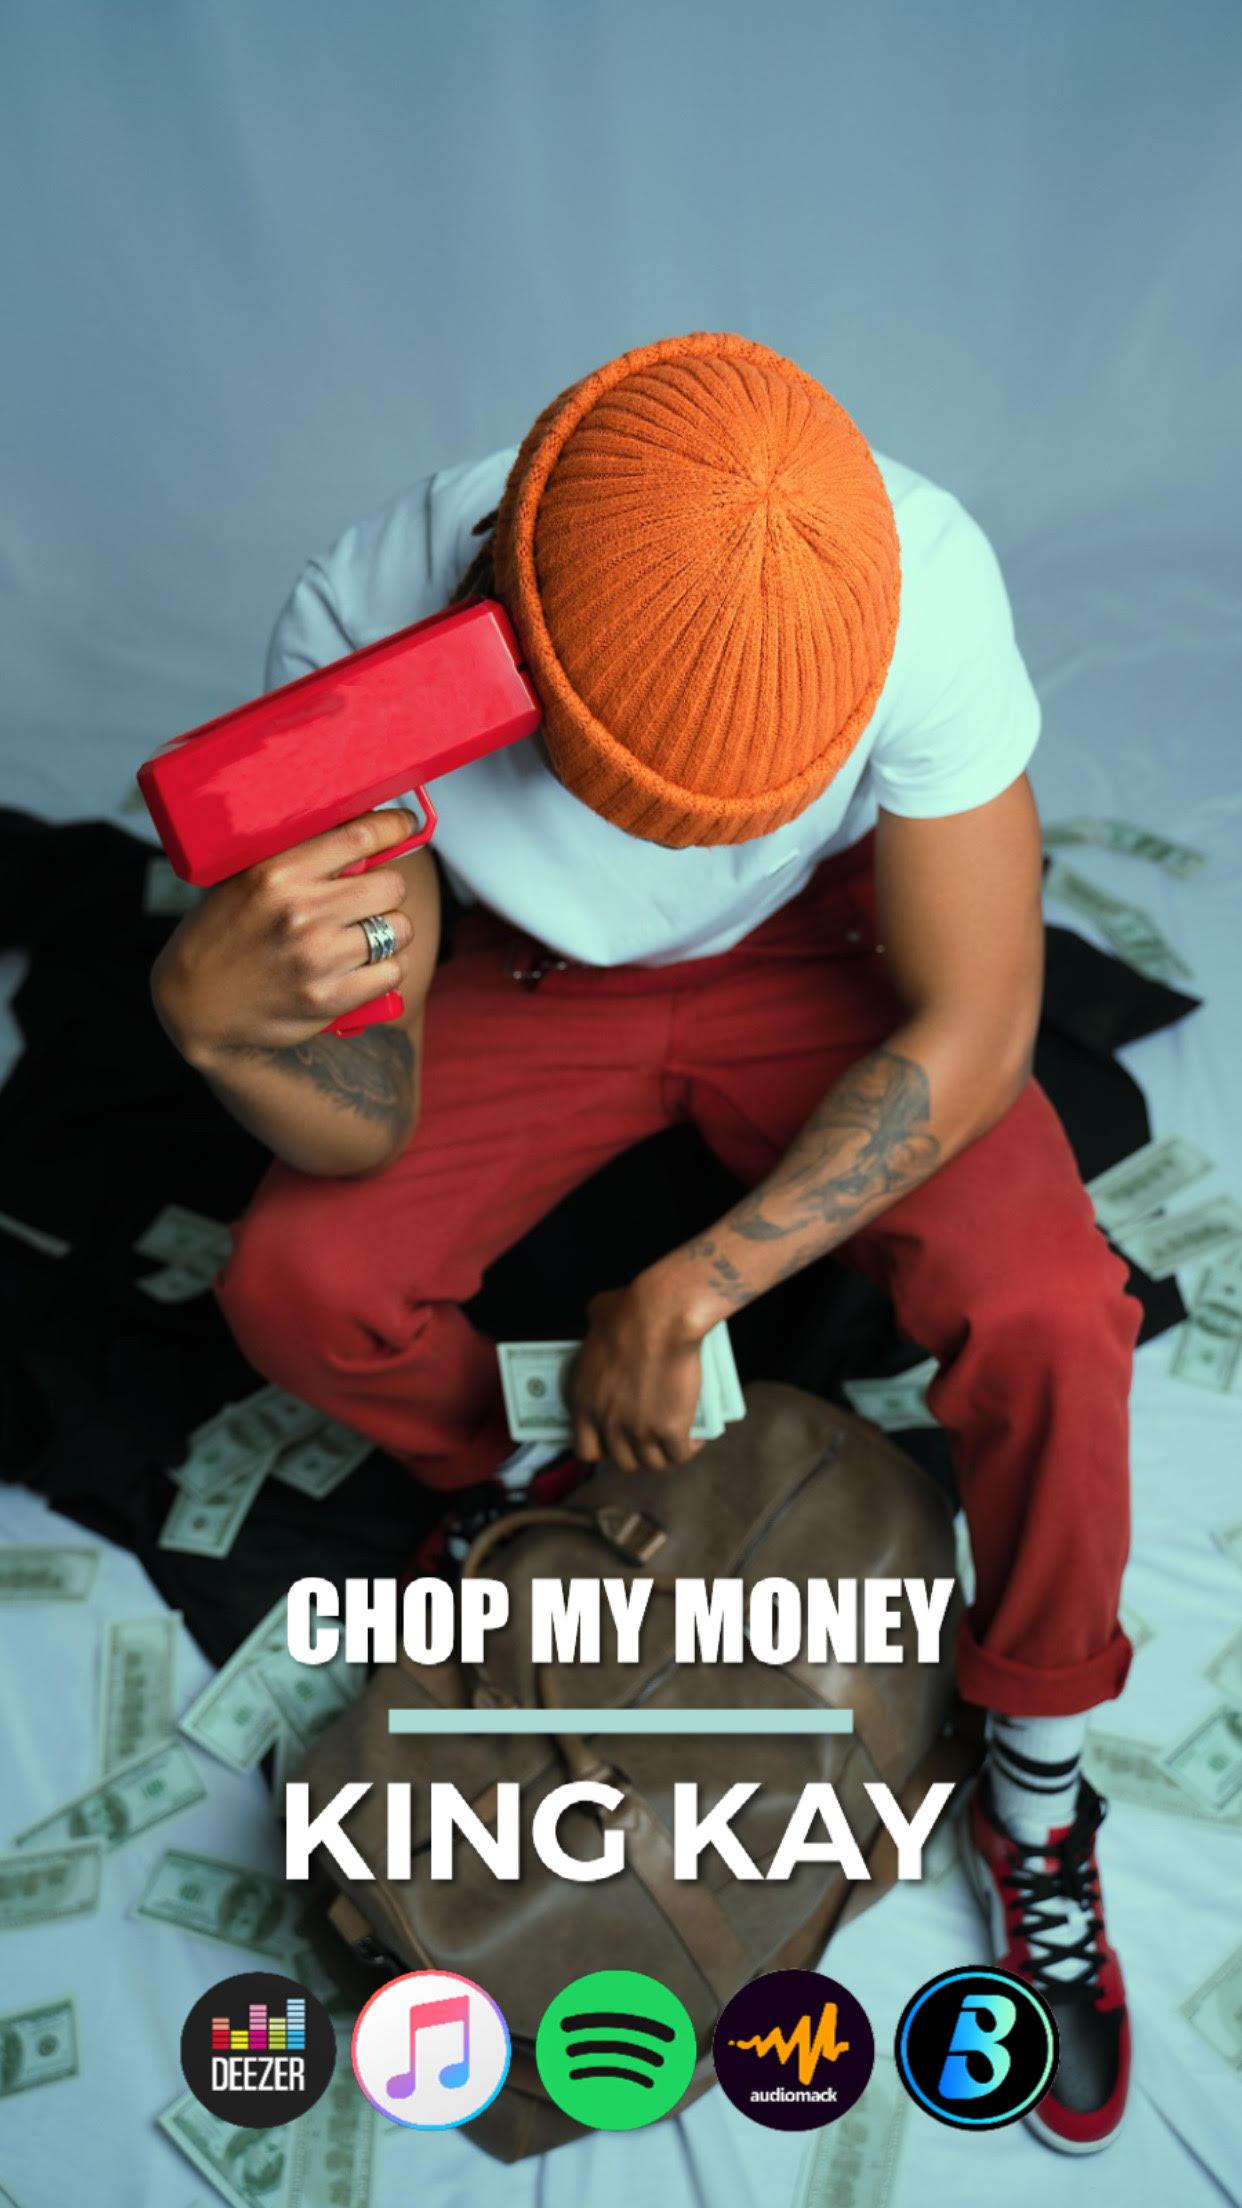 Kingkay - chop my money